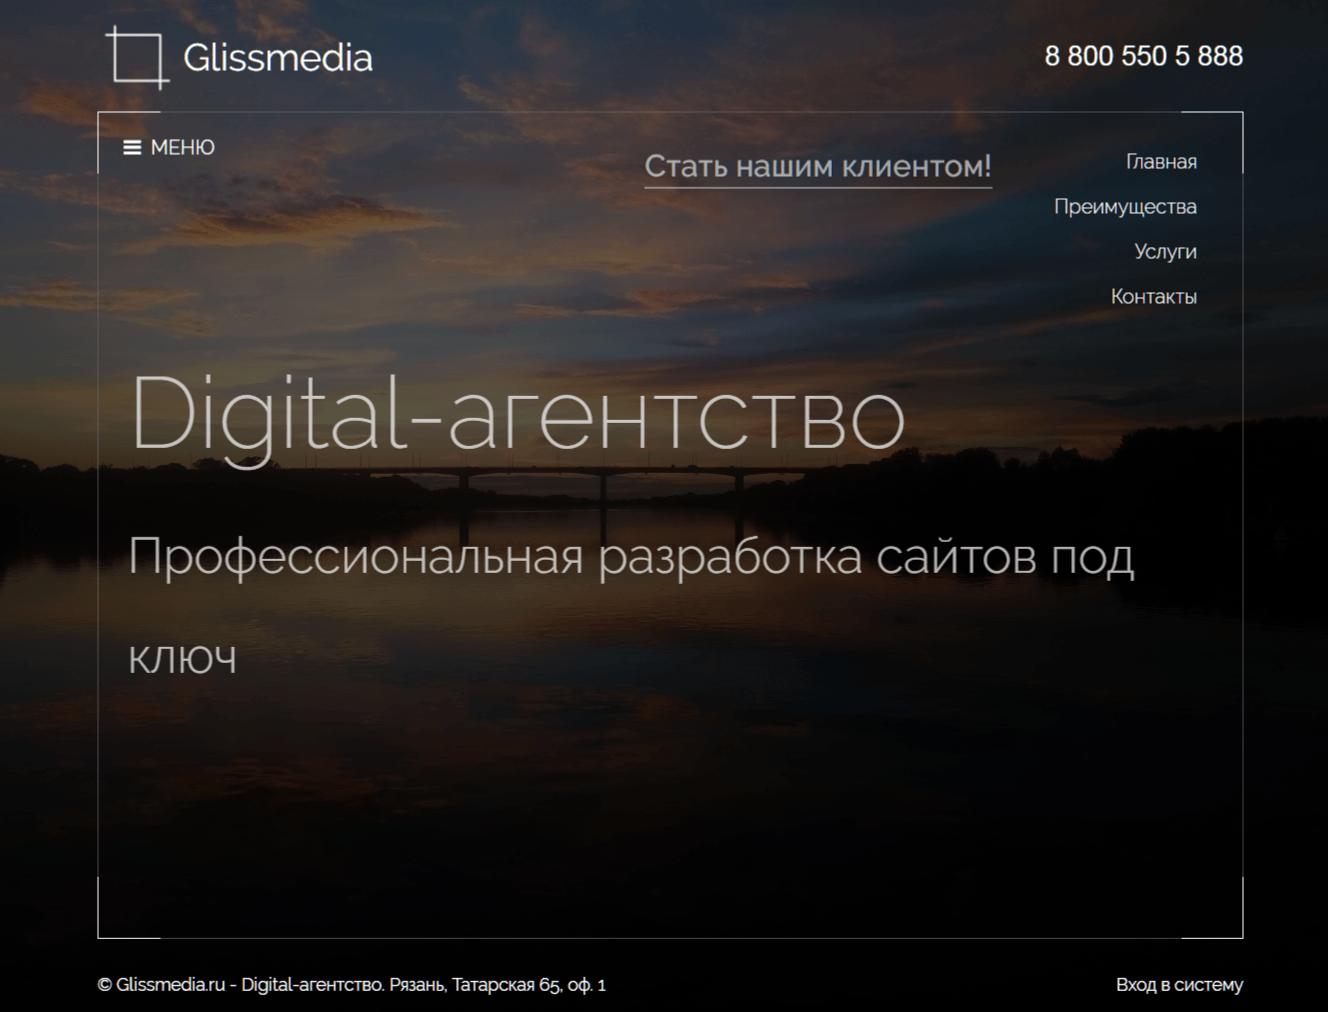 Пример одноэкранного сайта